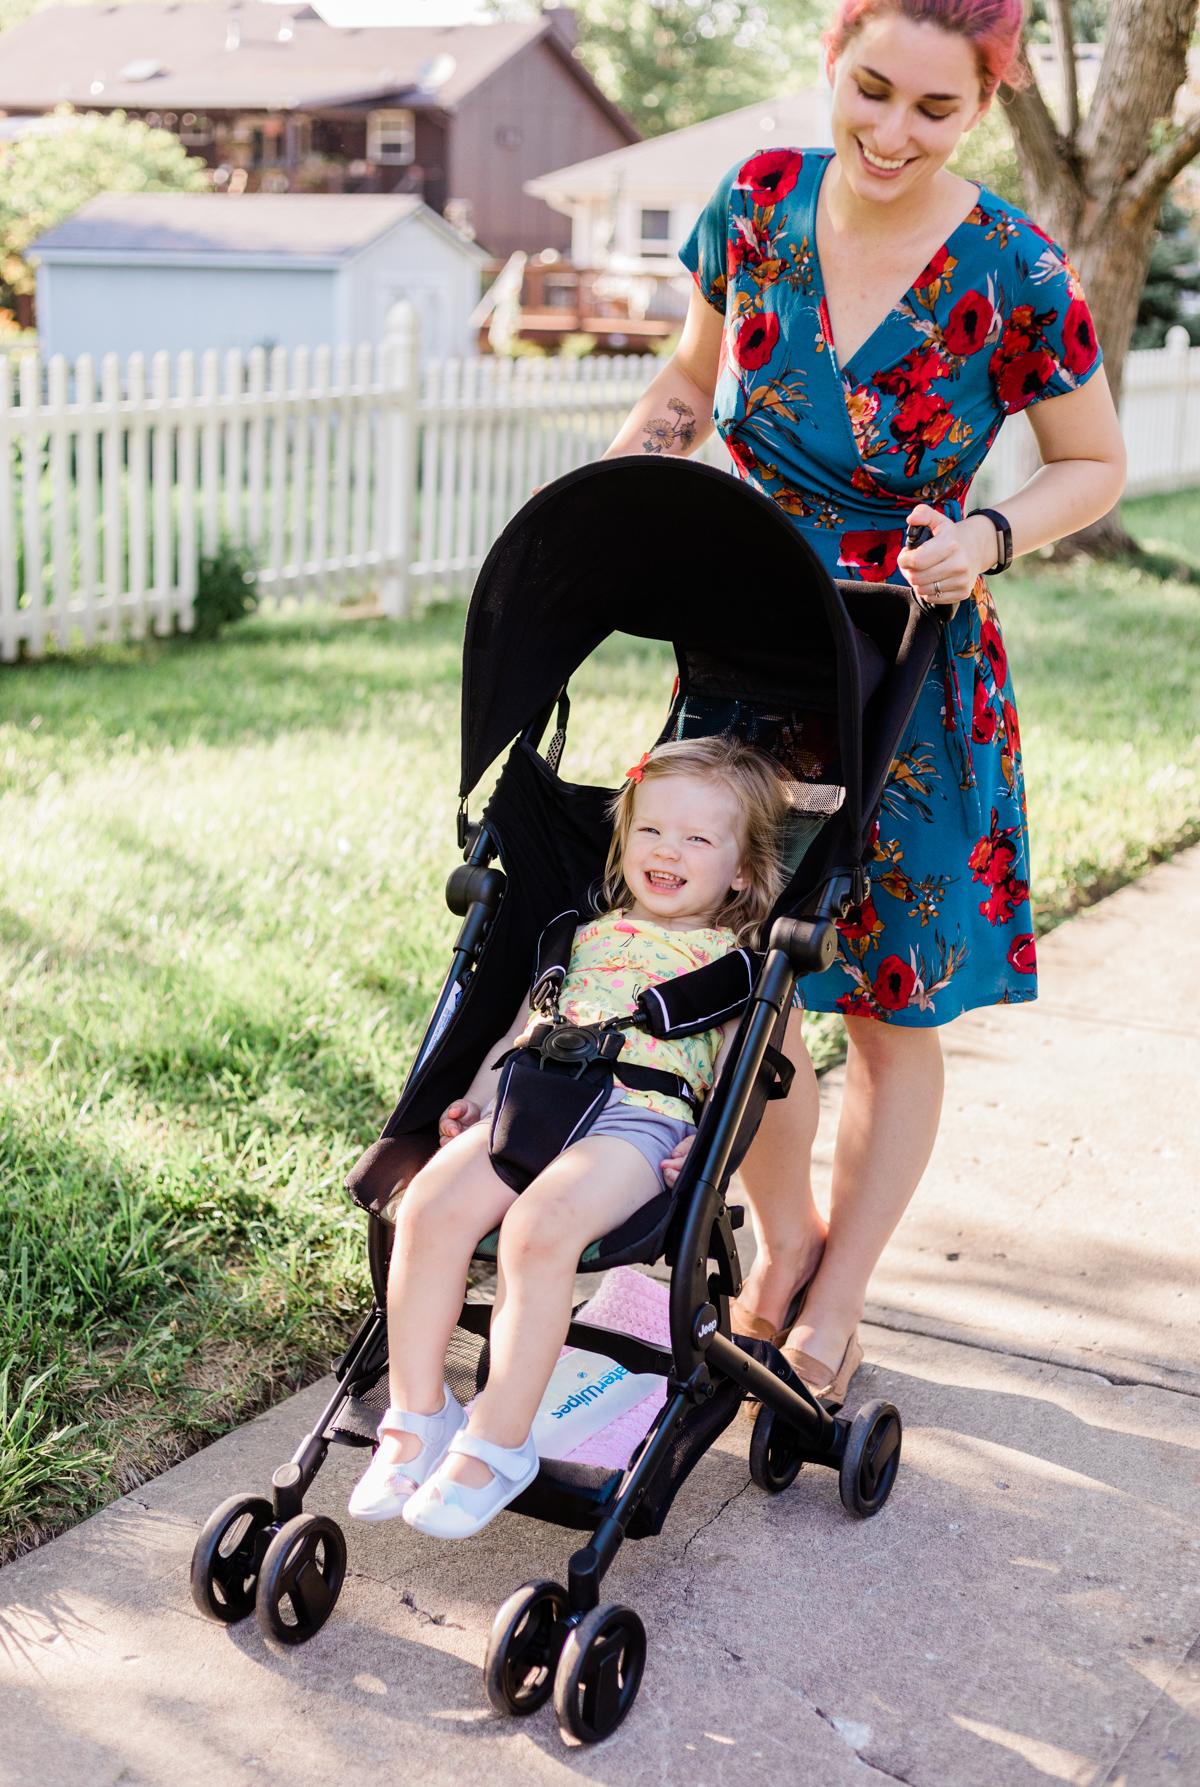 daily mom parent portal parent's guide